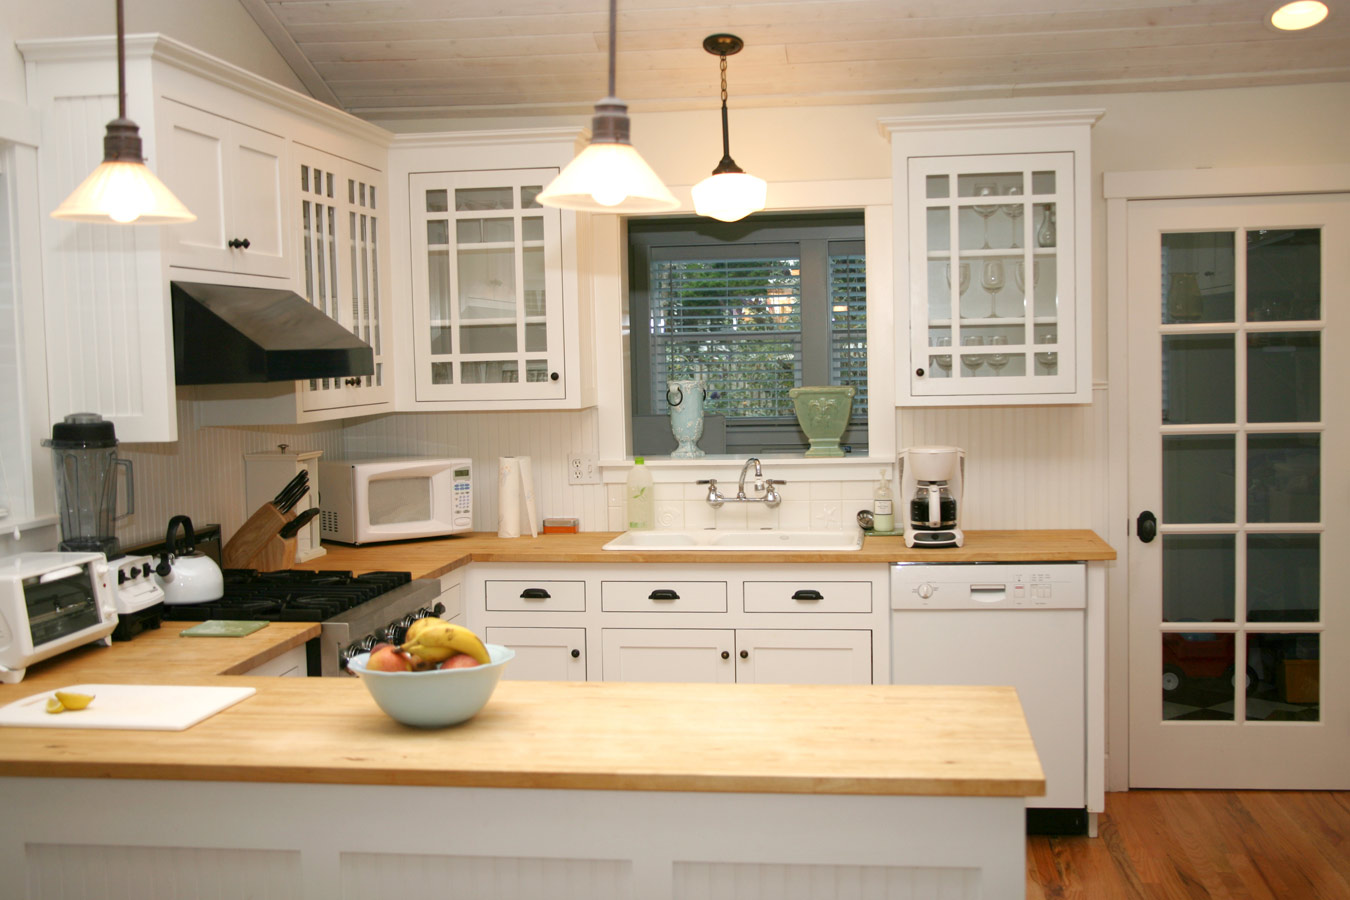 New Houten werkblad in de keuken | Tips & soorten hout @EB16